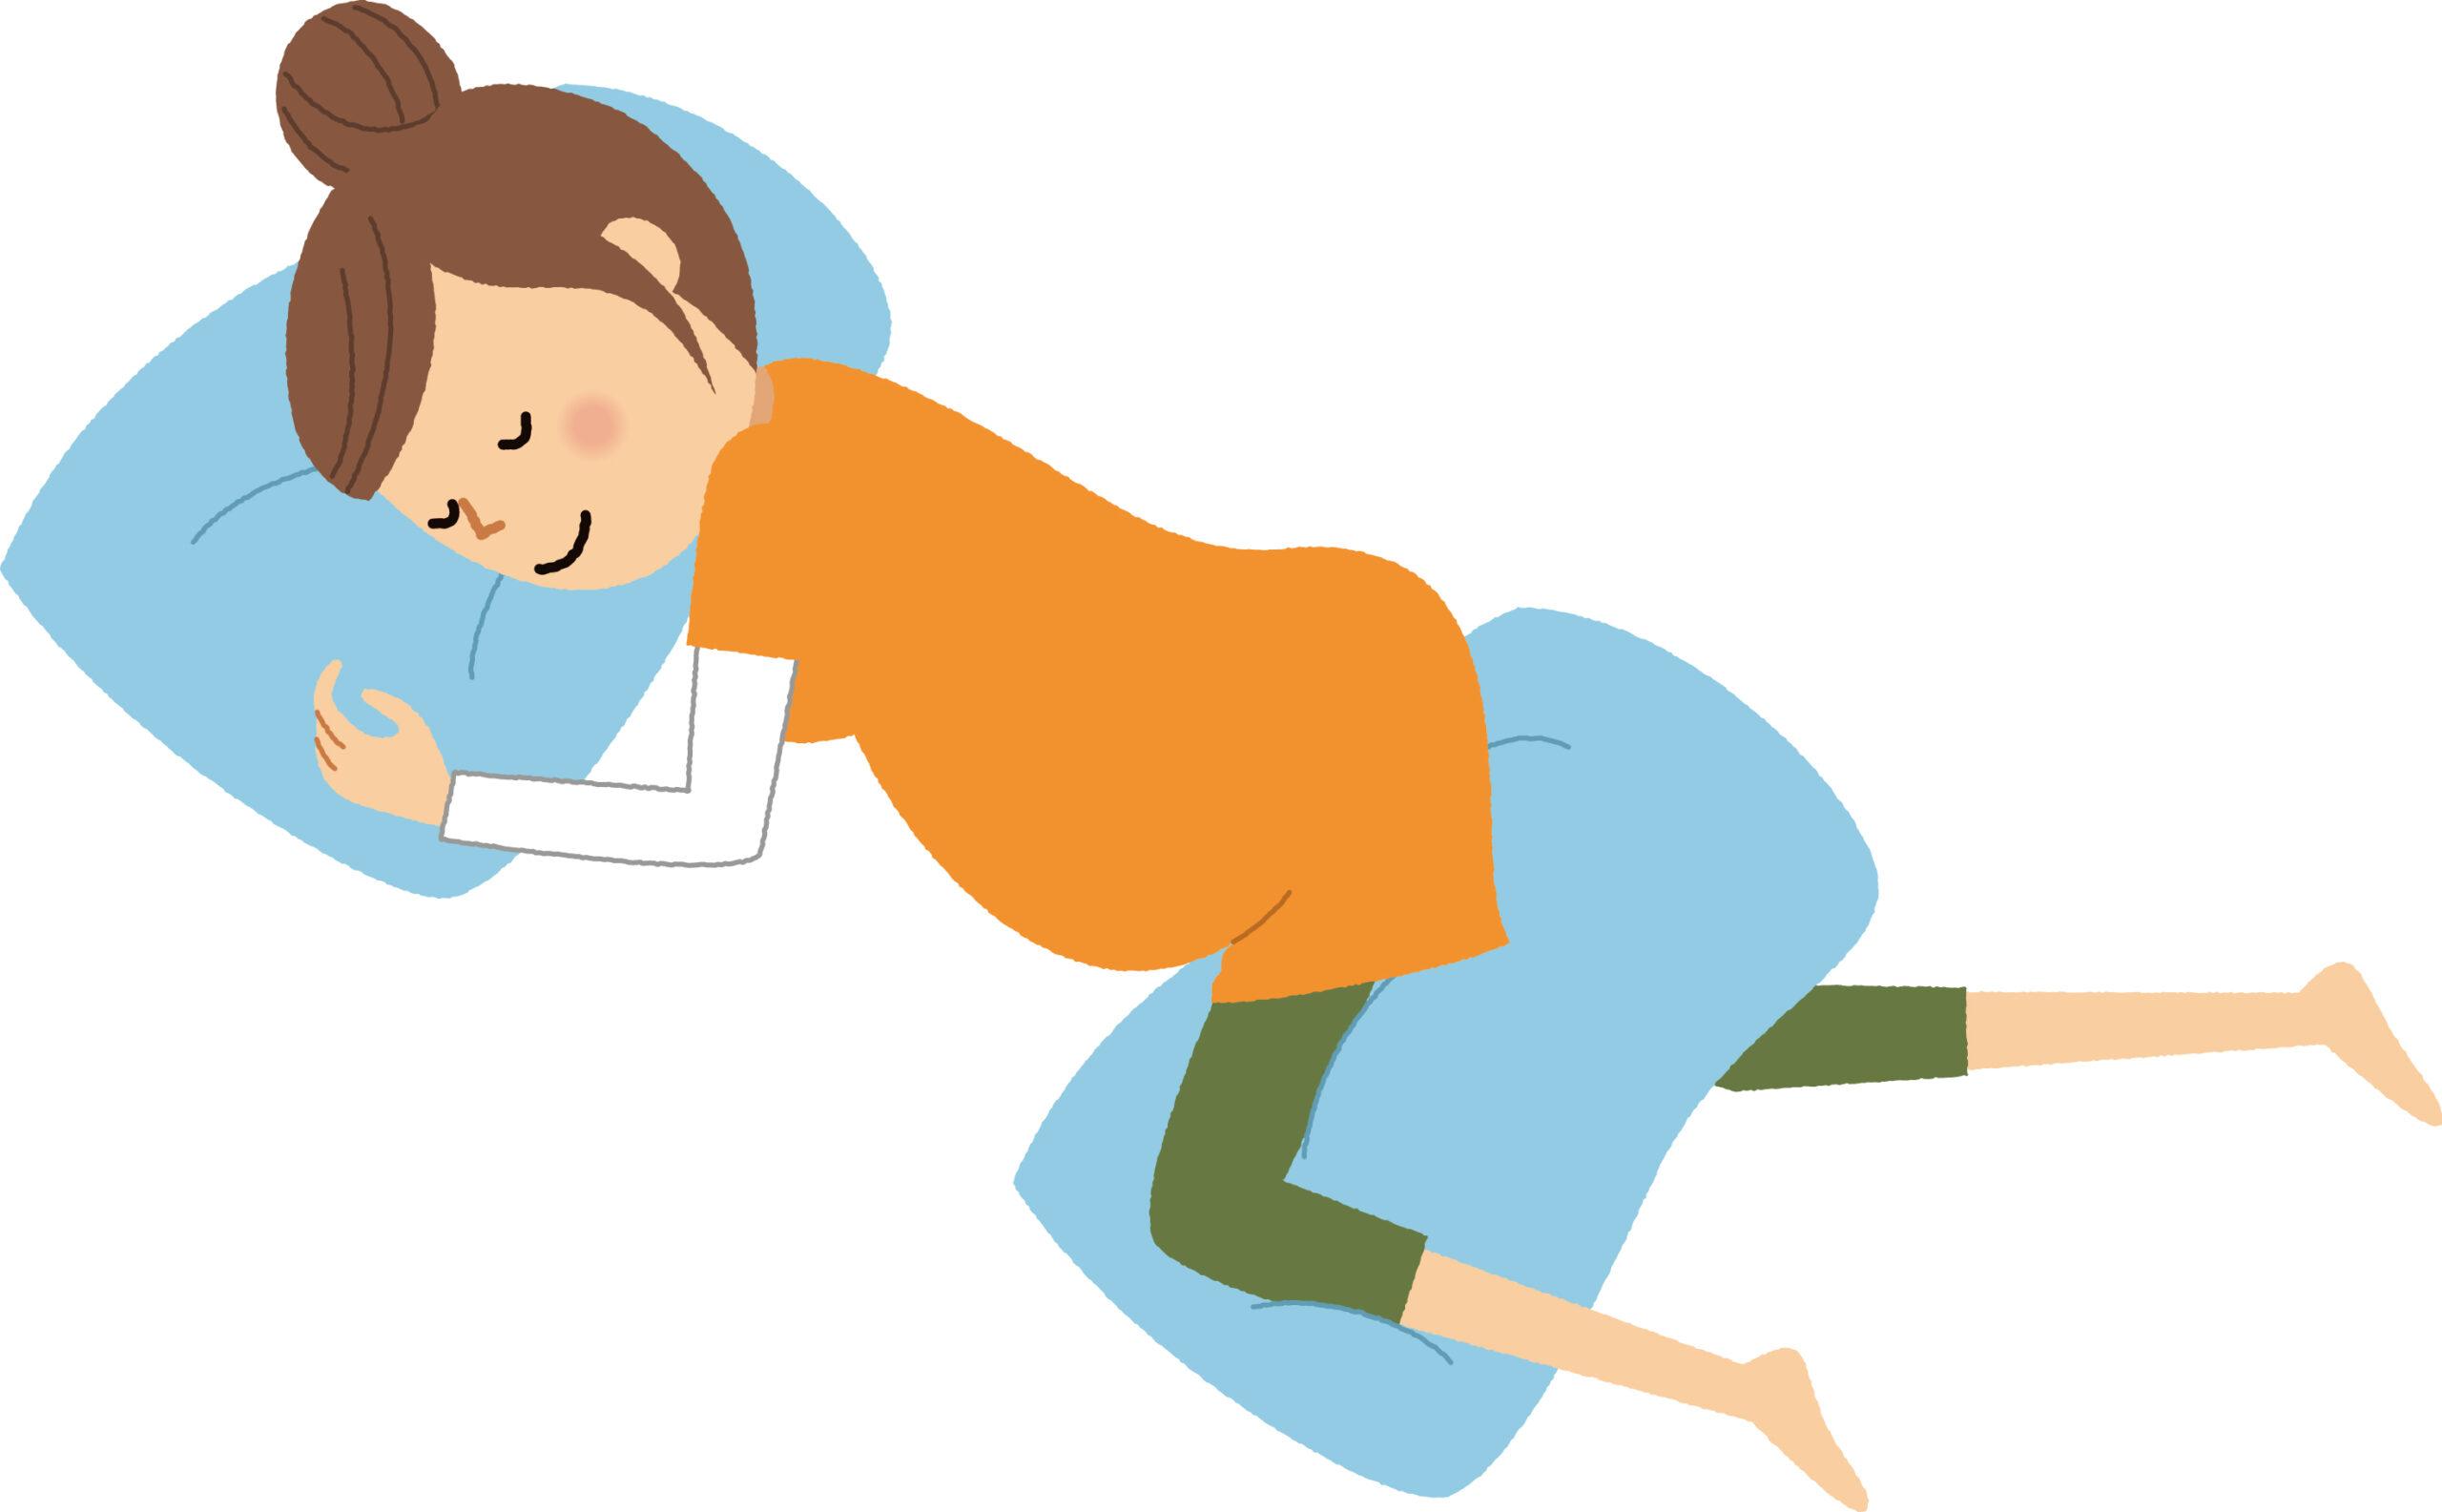 ヶ月 妊娠 眠い 5